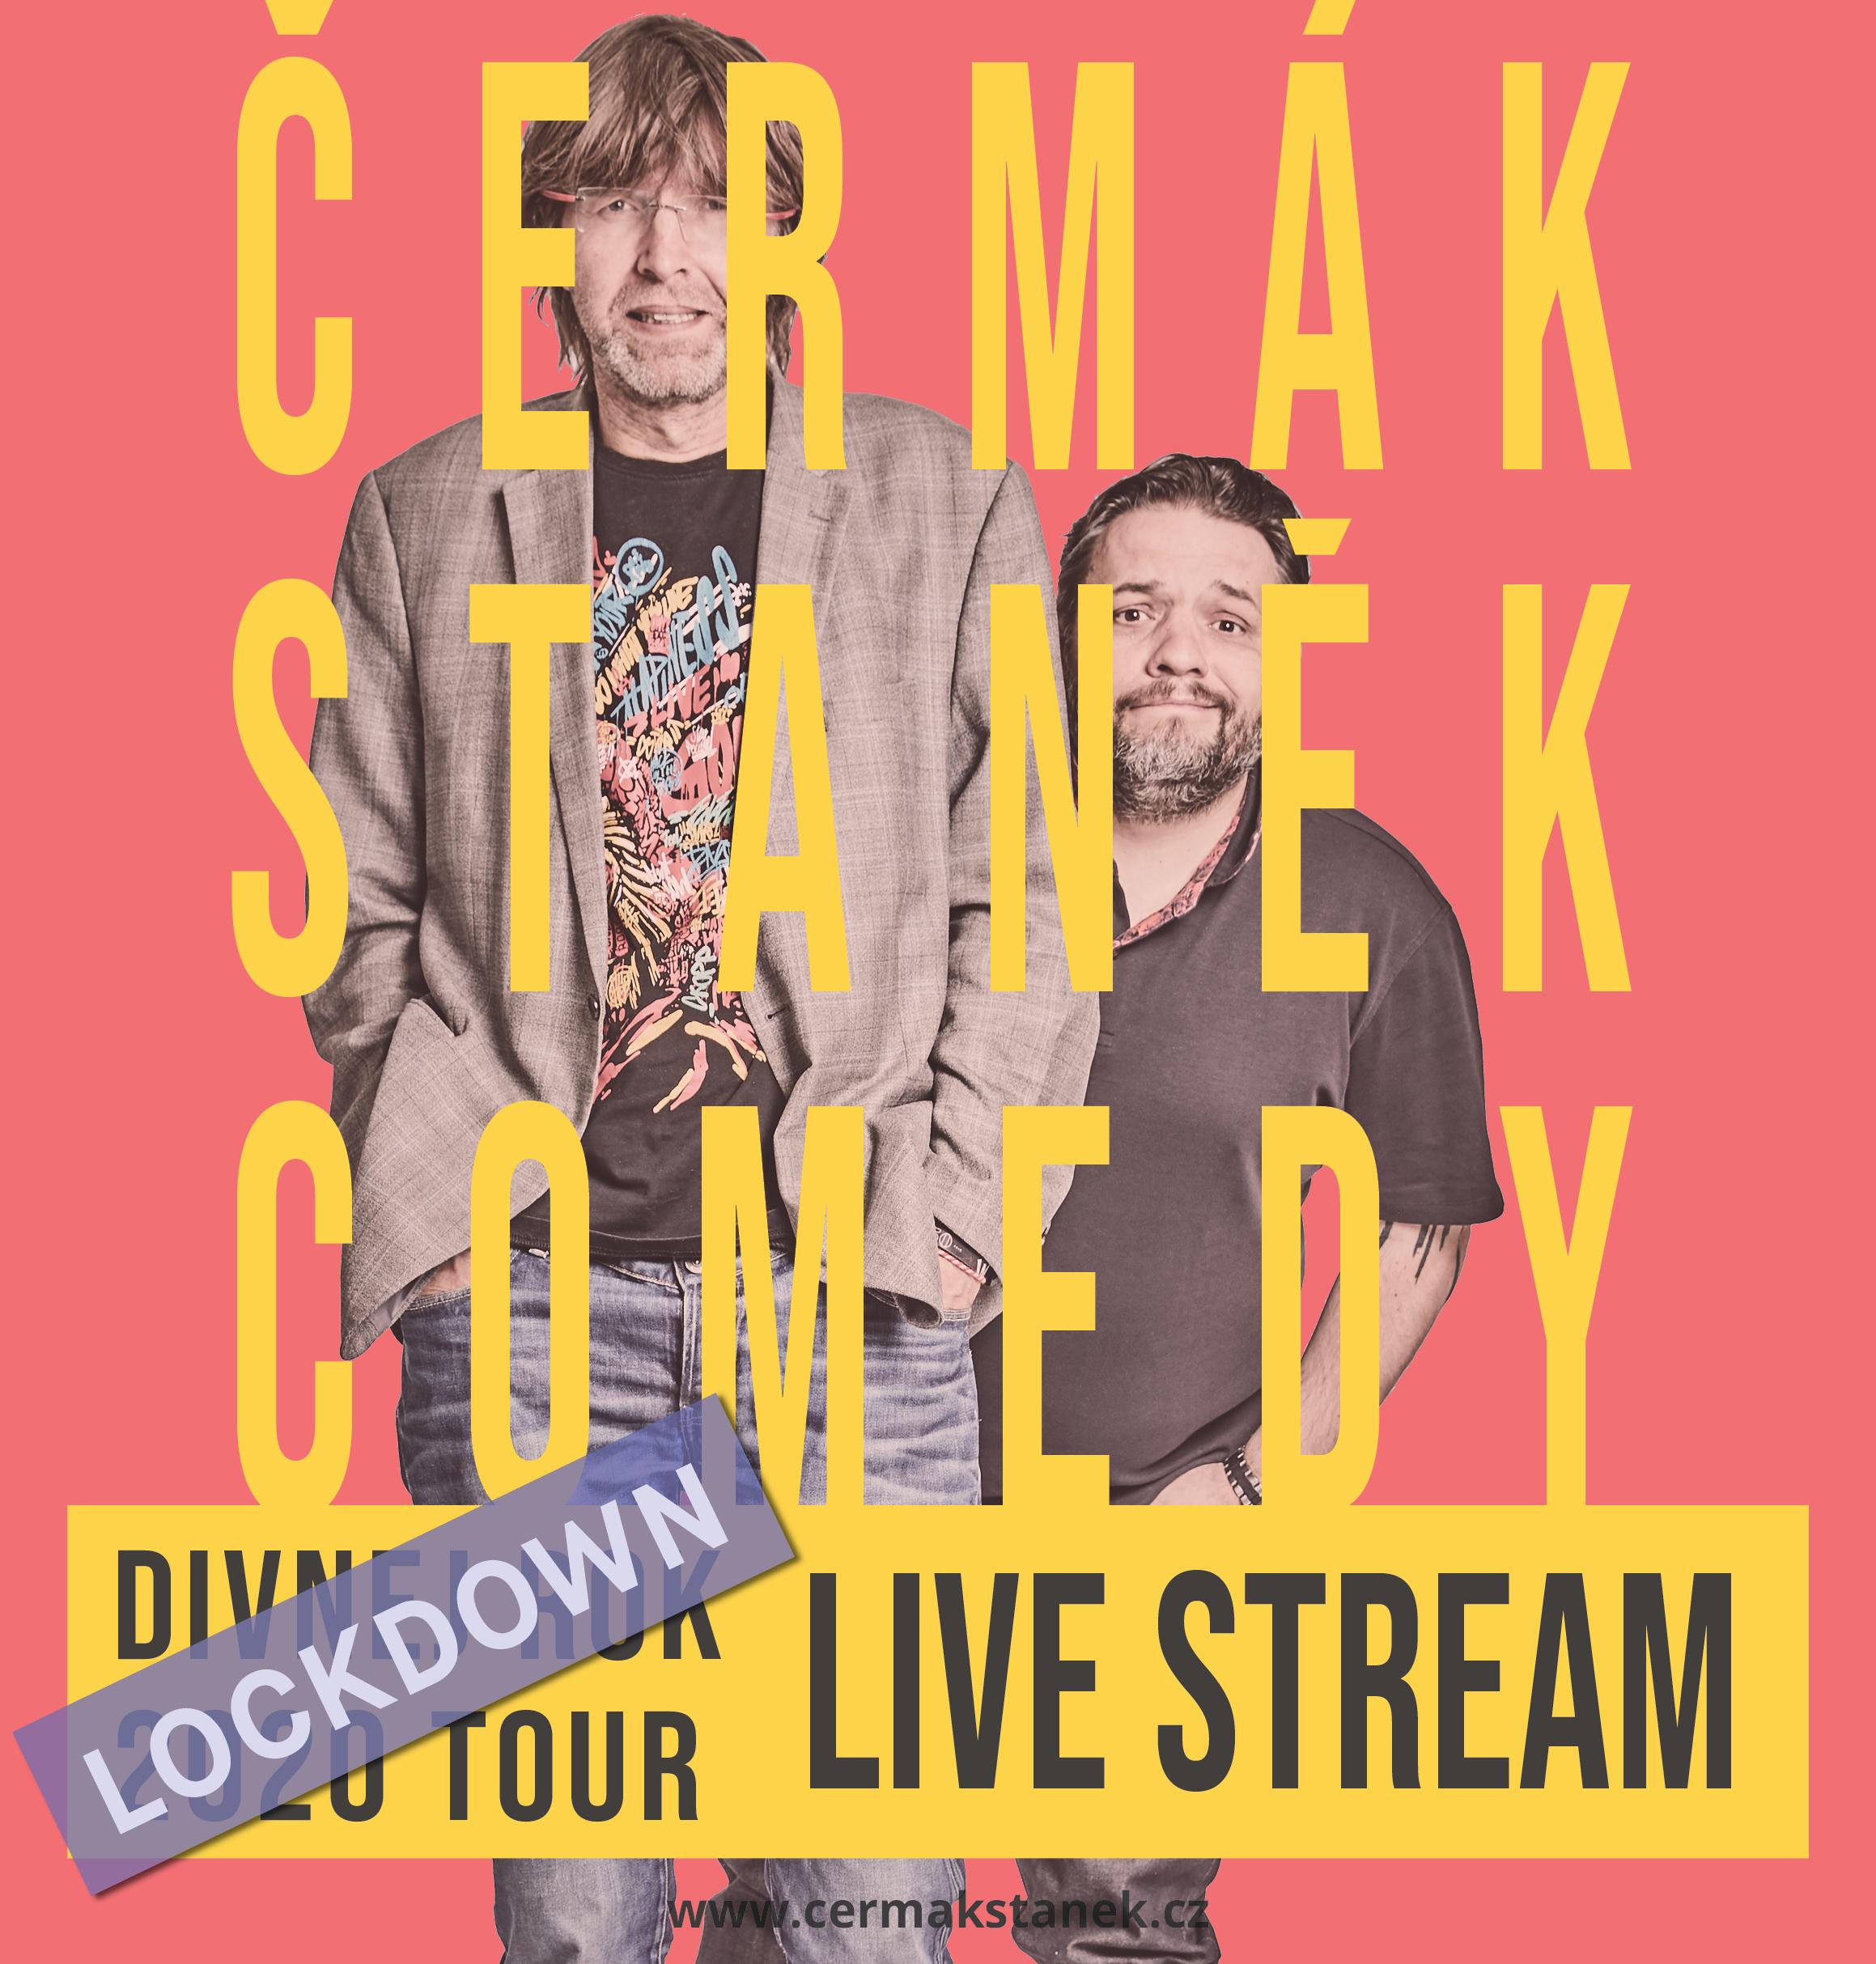 Čermák Staněk Comedy<br>Lockdown Live Stream